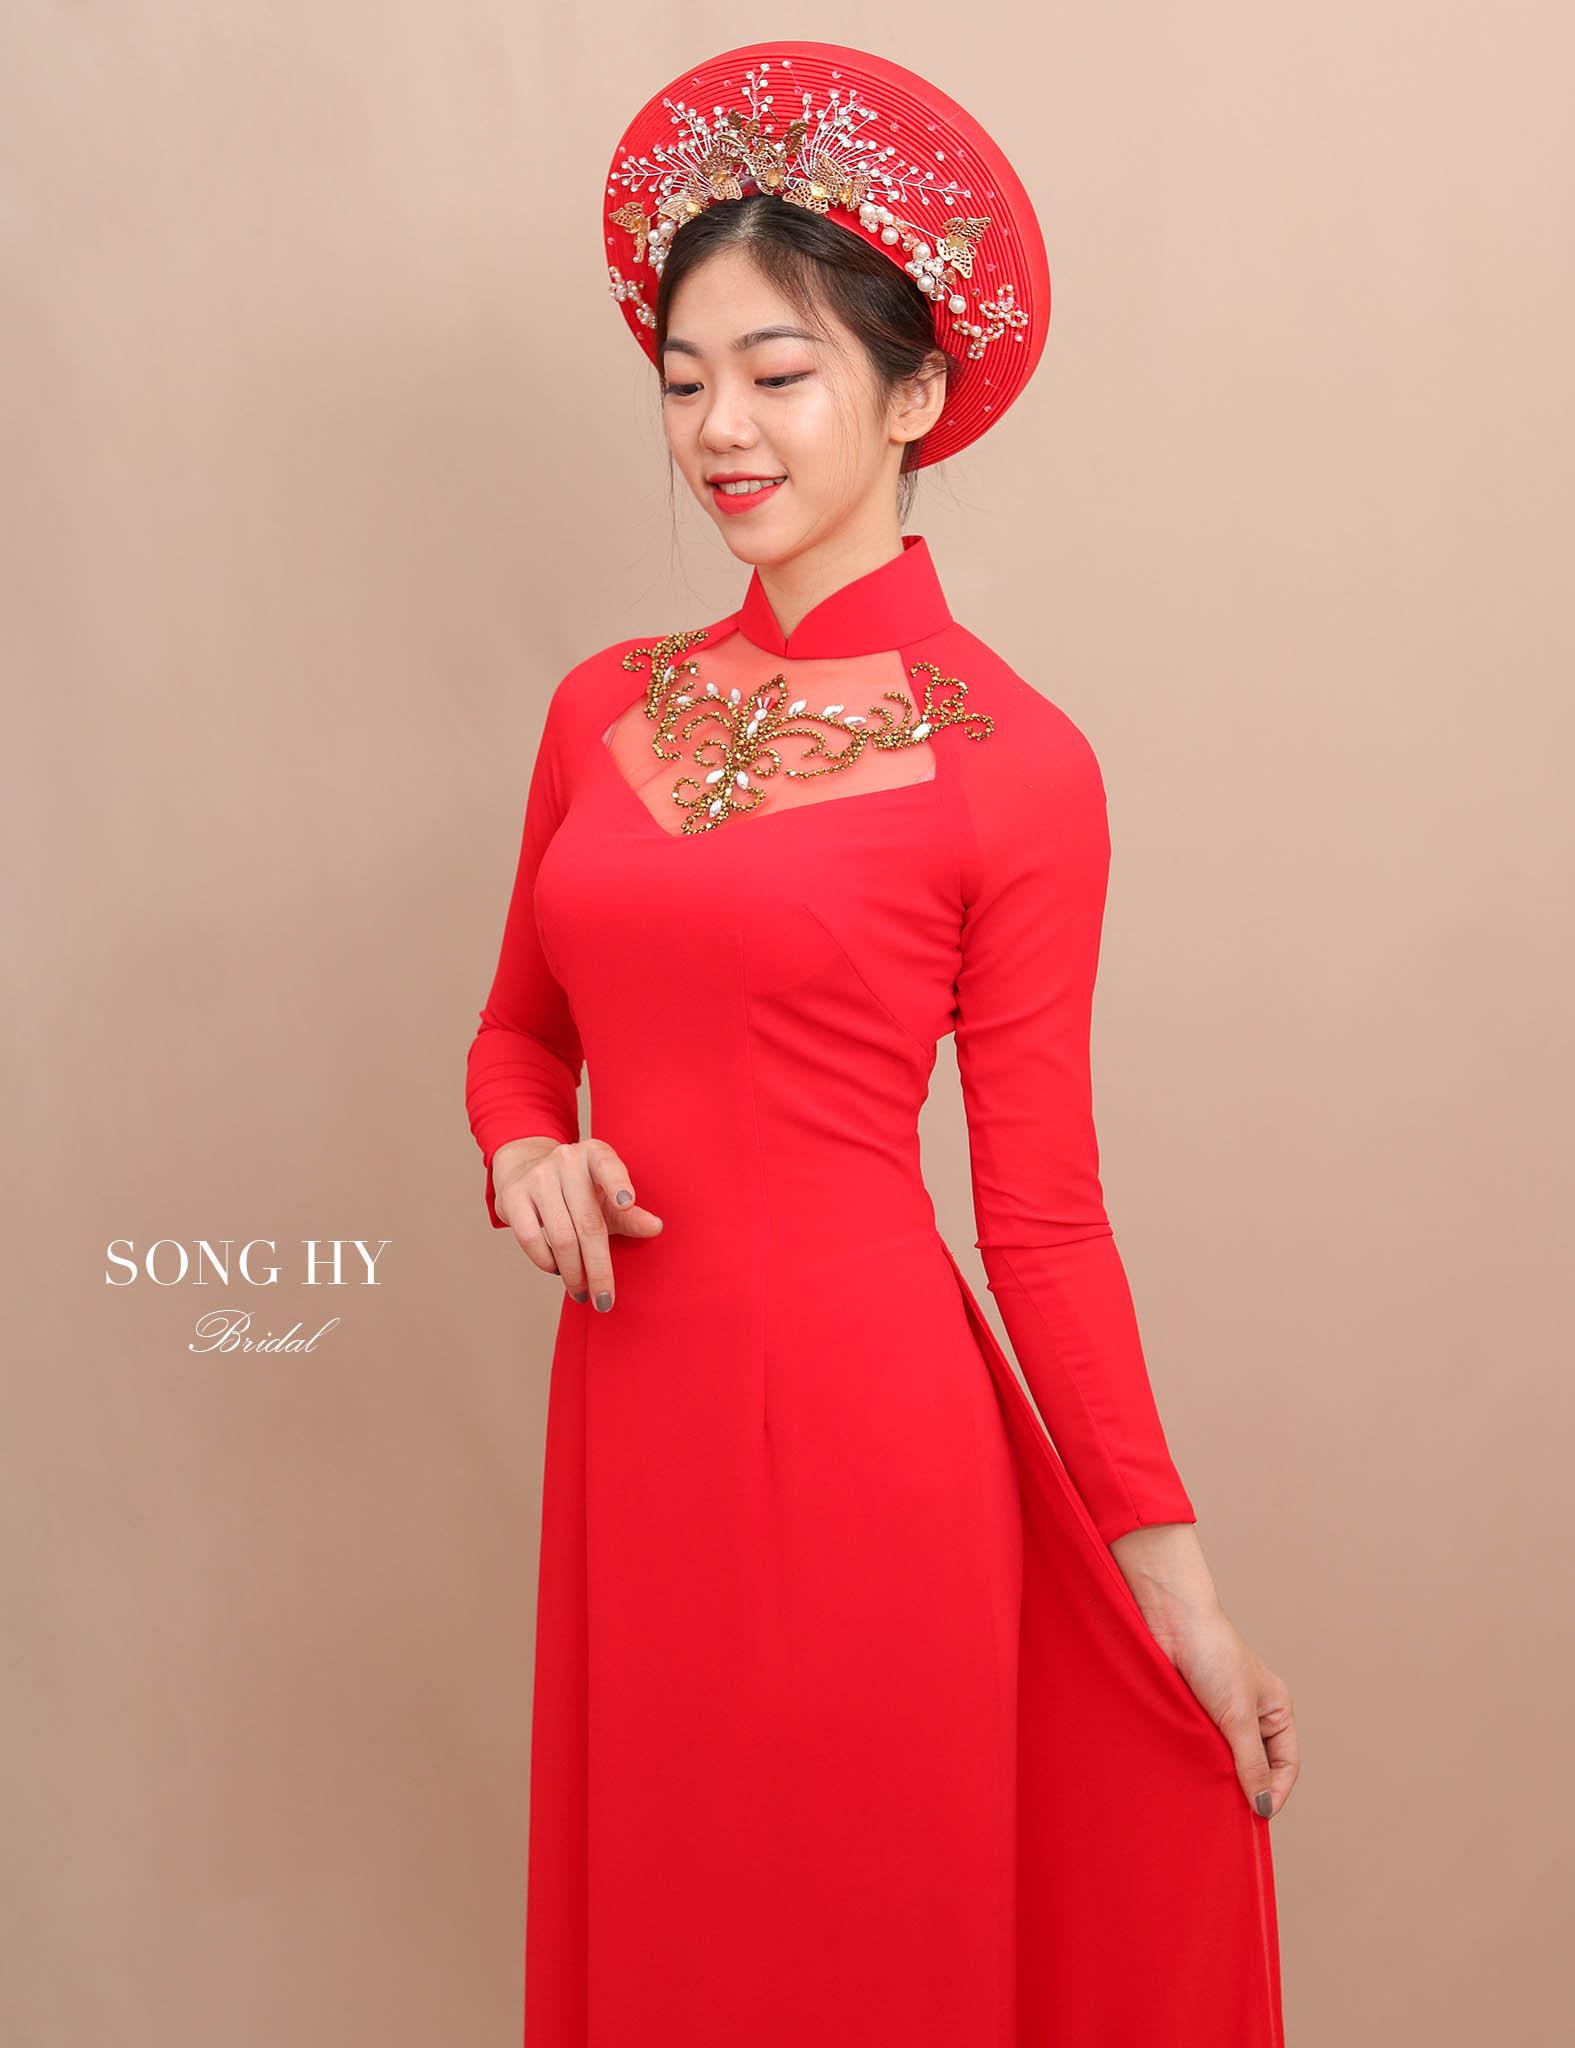 áo dài cô dâu đỏ đẹp 2019